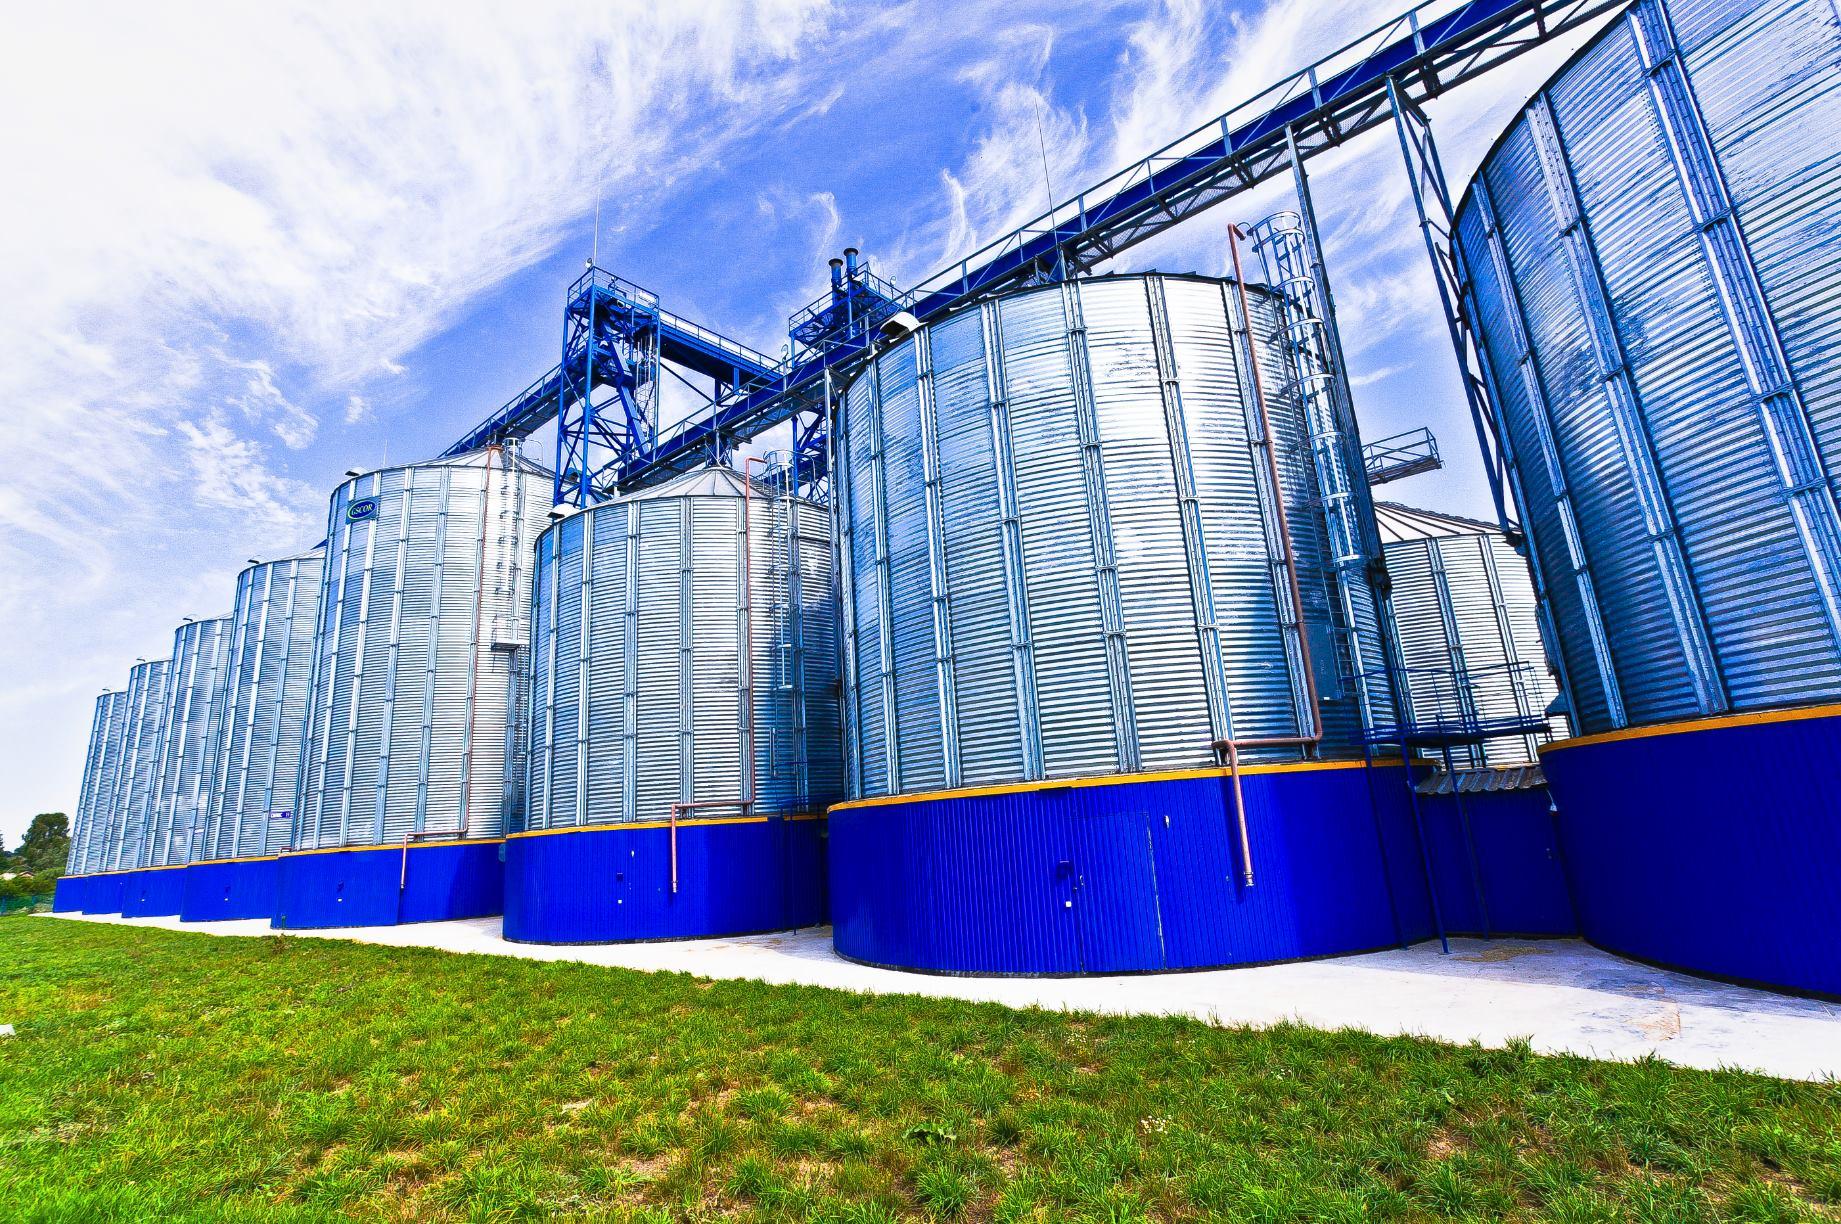 Когда цены на сахар в 2012 году рухнули, компанию Иванчика спас зерновой бизнес